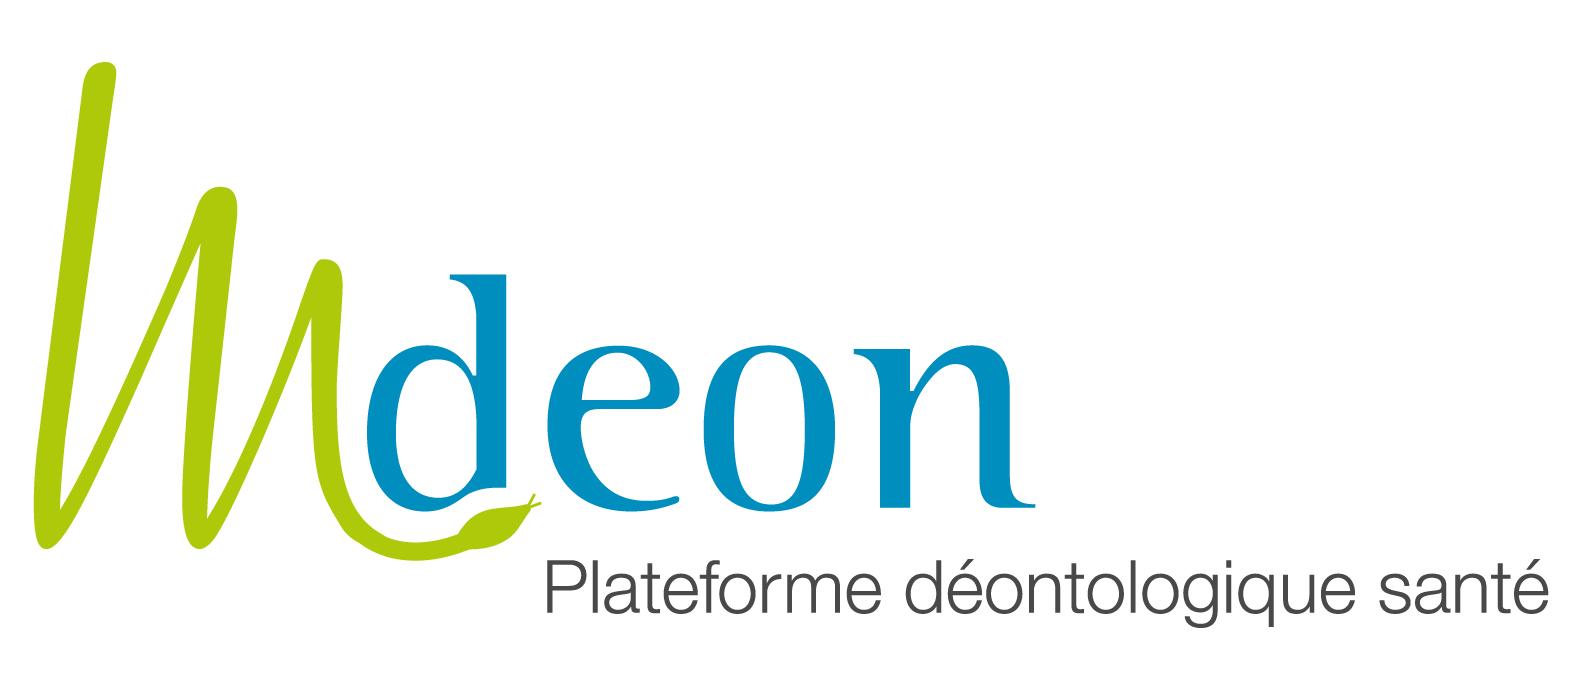 MDEON_logo_rgb_150_baseline_fr